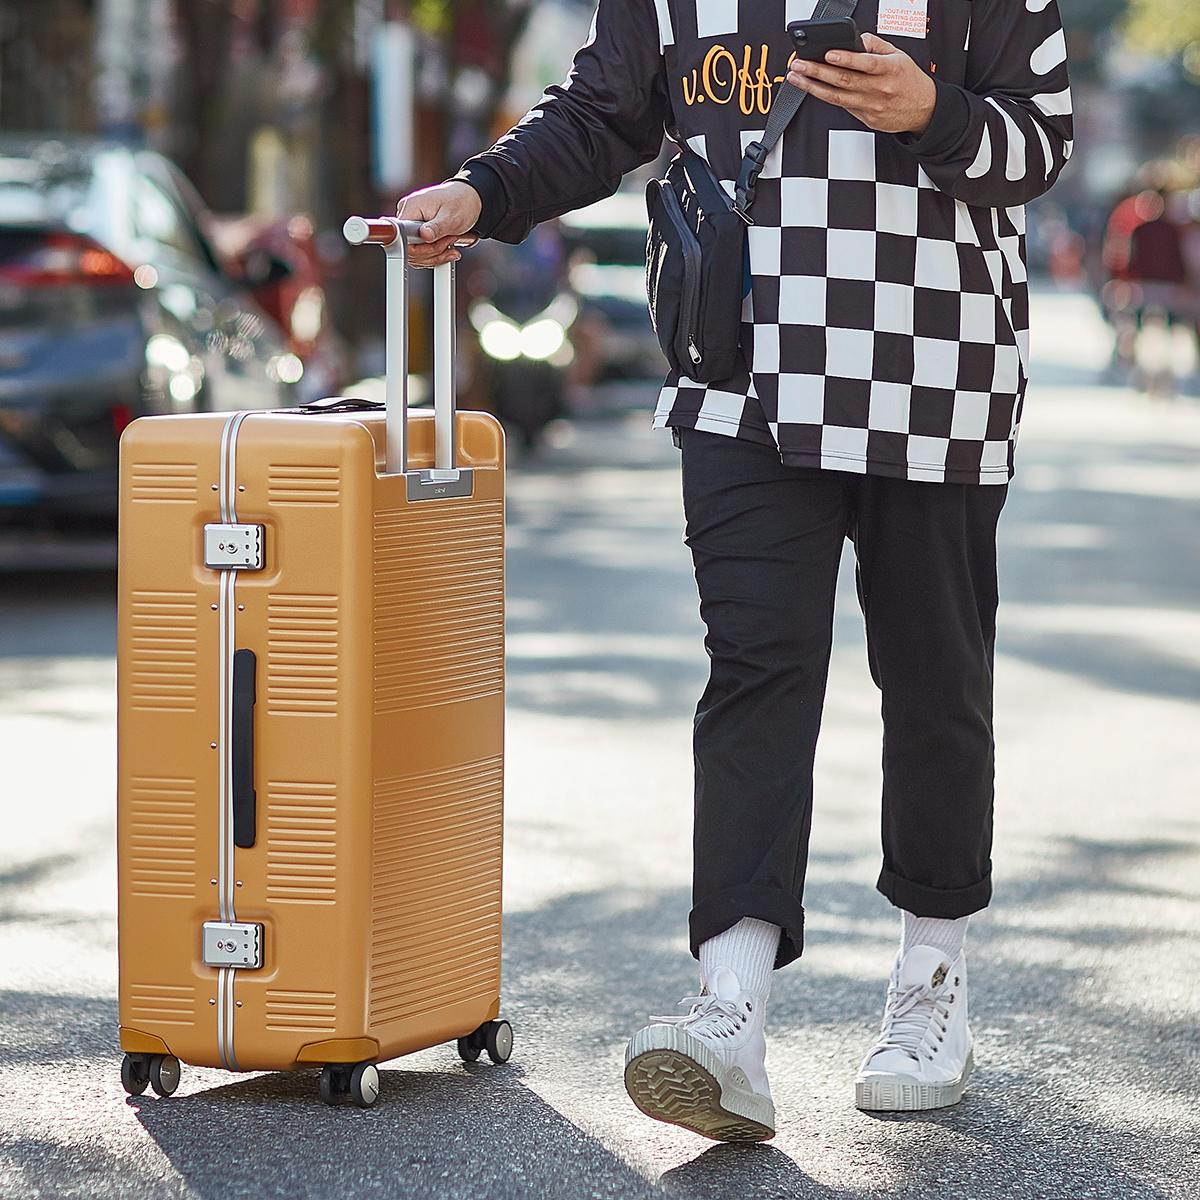 ハンドルが「ハンガーラック」に早変わりする、T字タイプのハンドル「TT Handle」を採用したスーツケース(63L・4〜5泊〜)|RAWROW